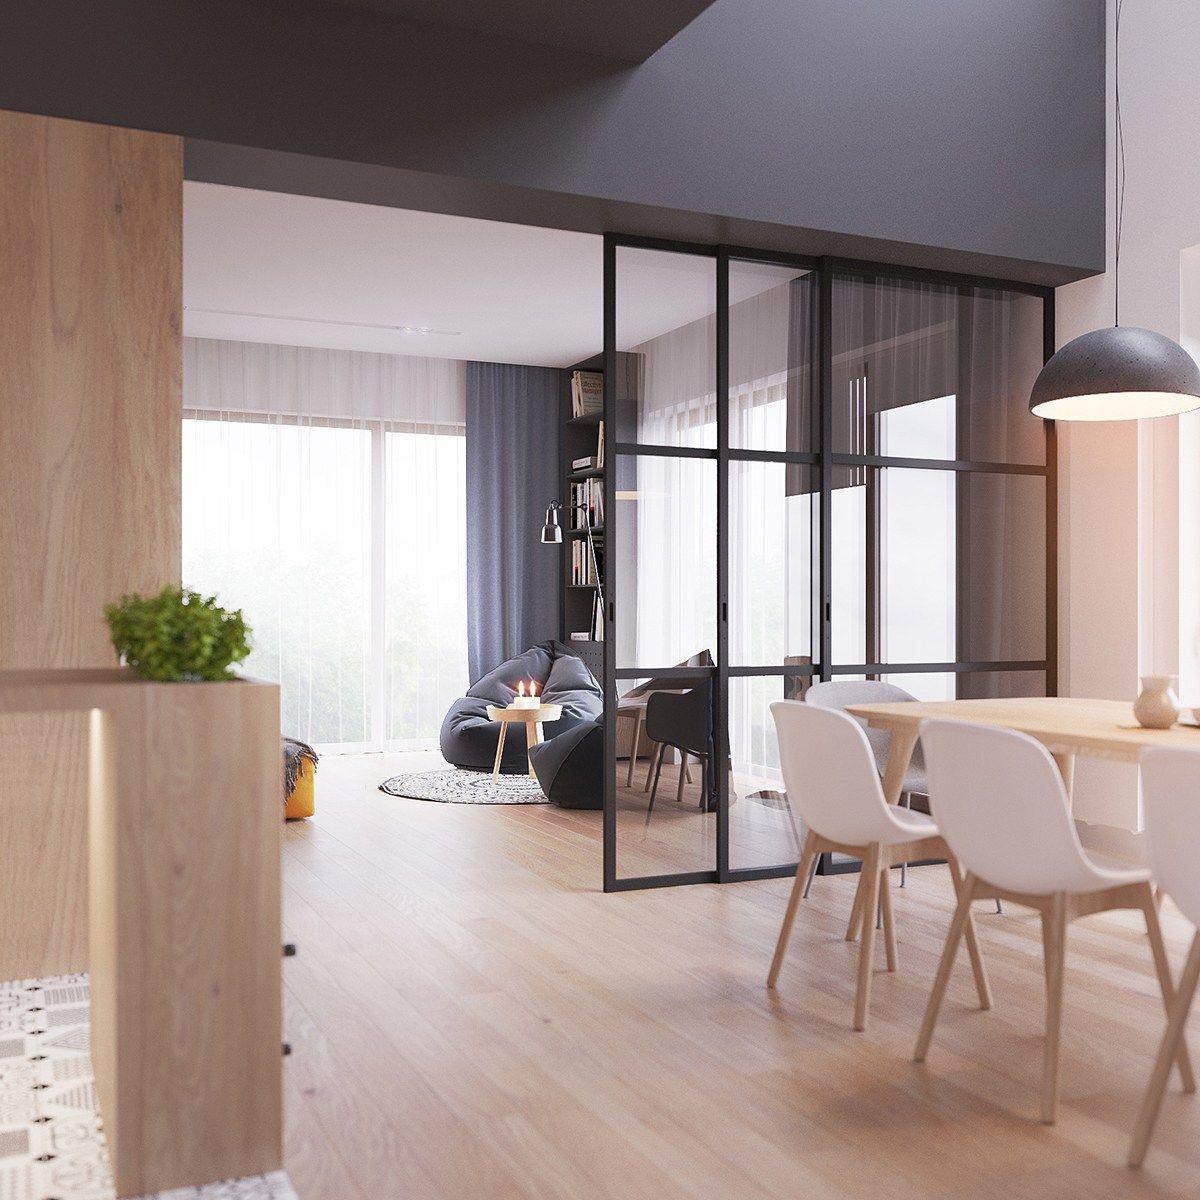 Free estimate in 2019 interior apartment interior - Estimation and costing in interior designing ...